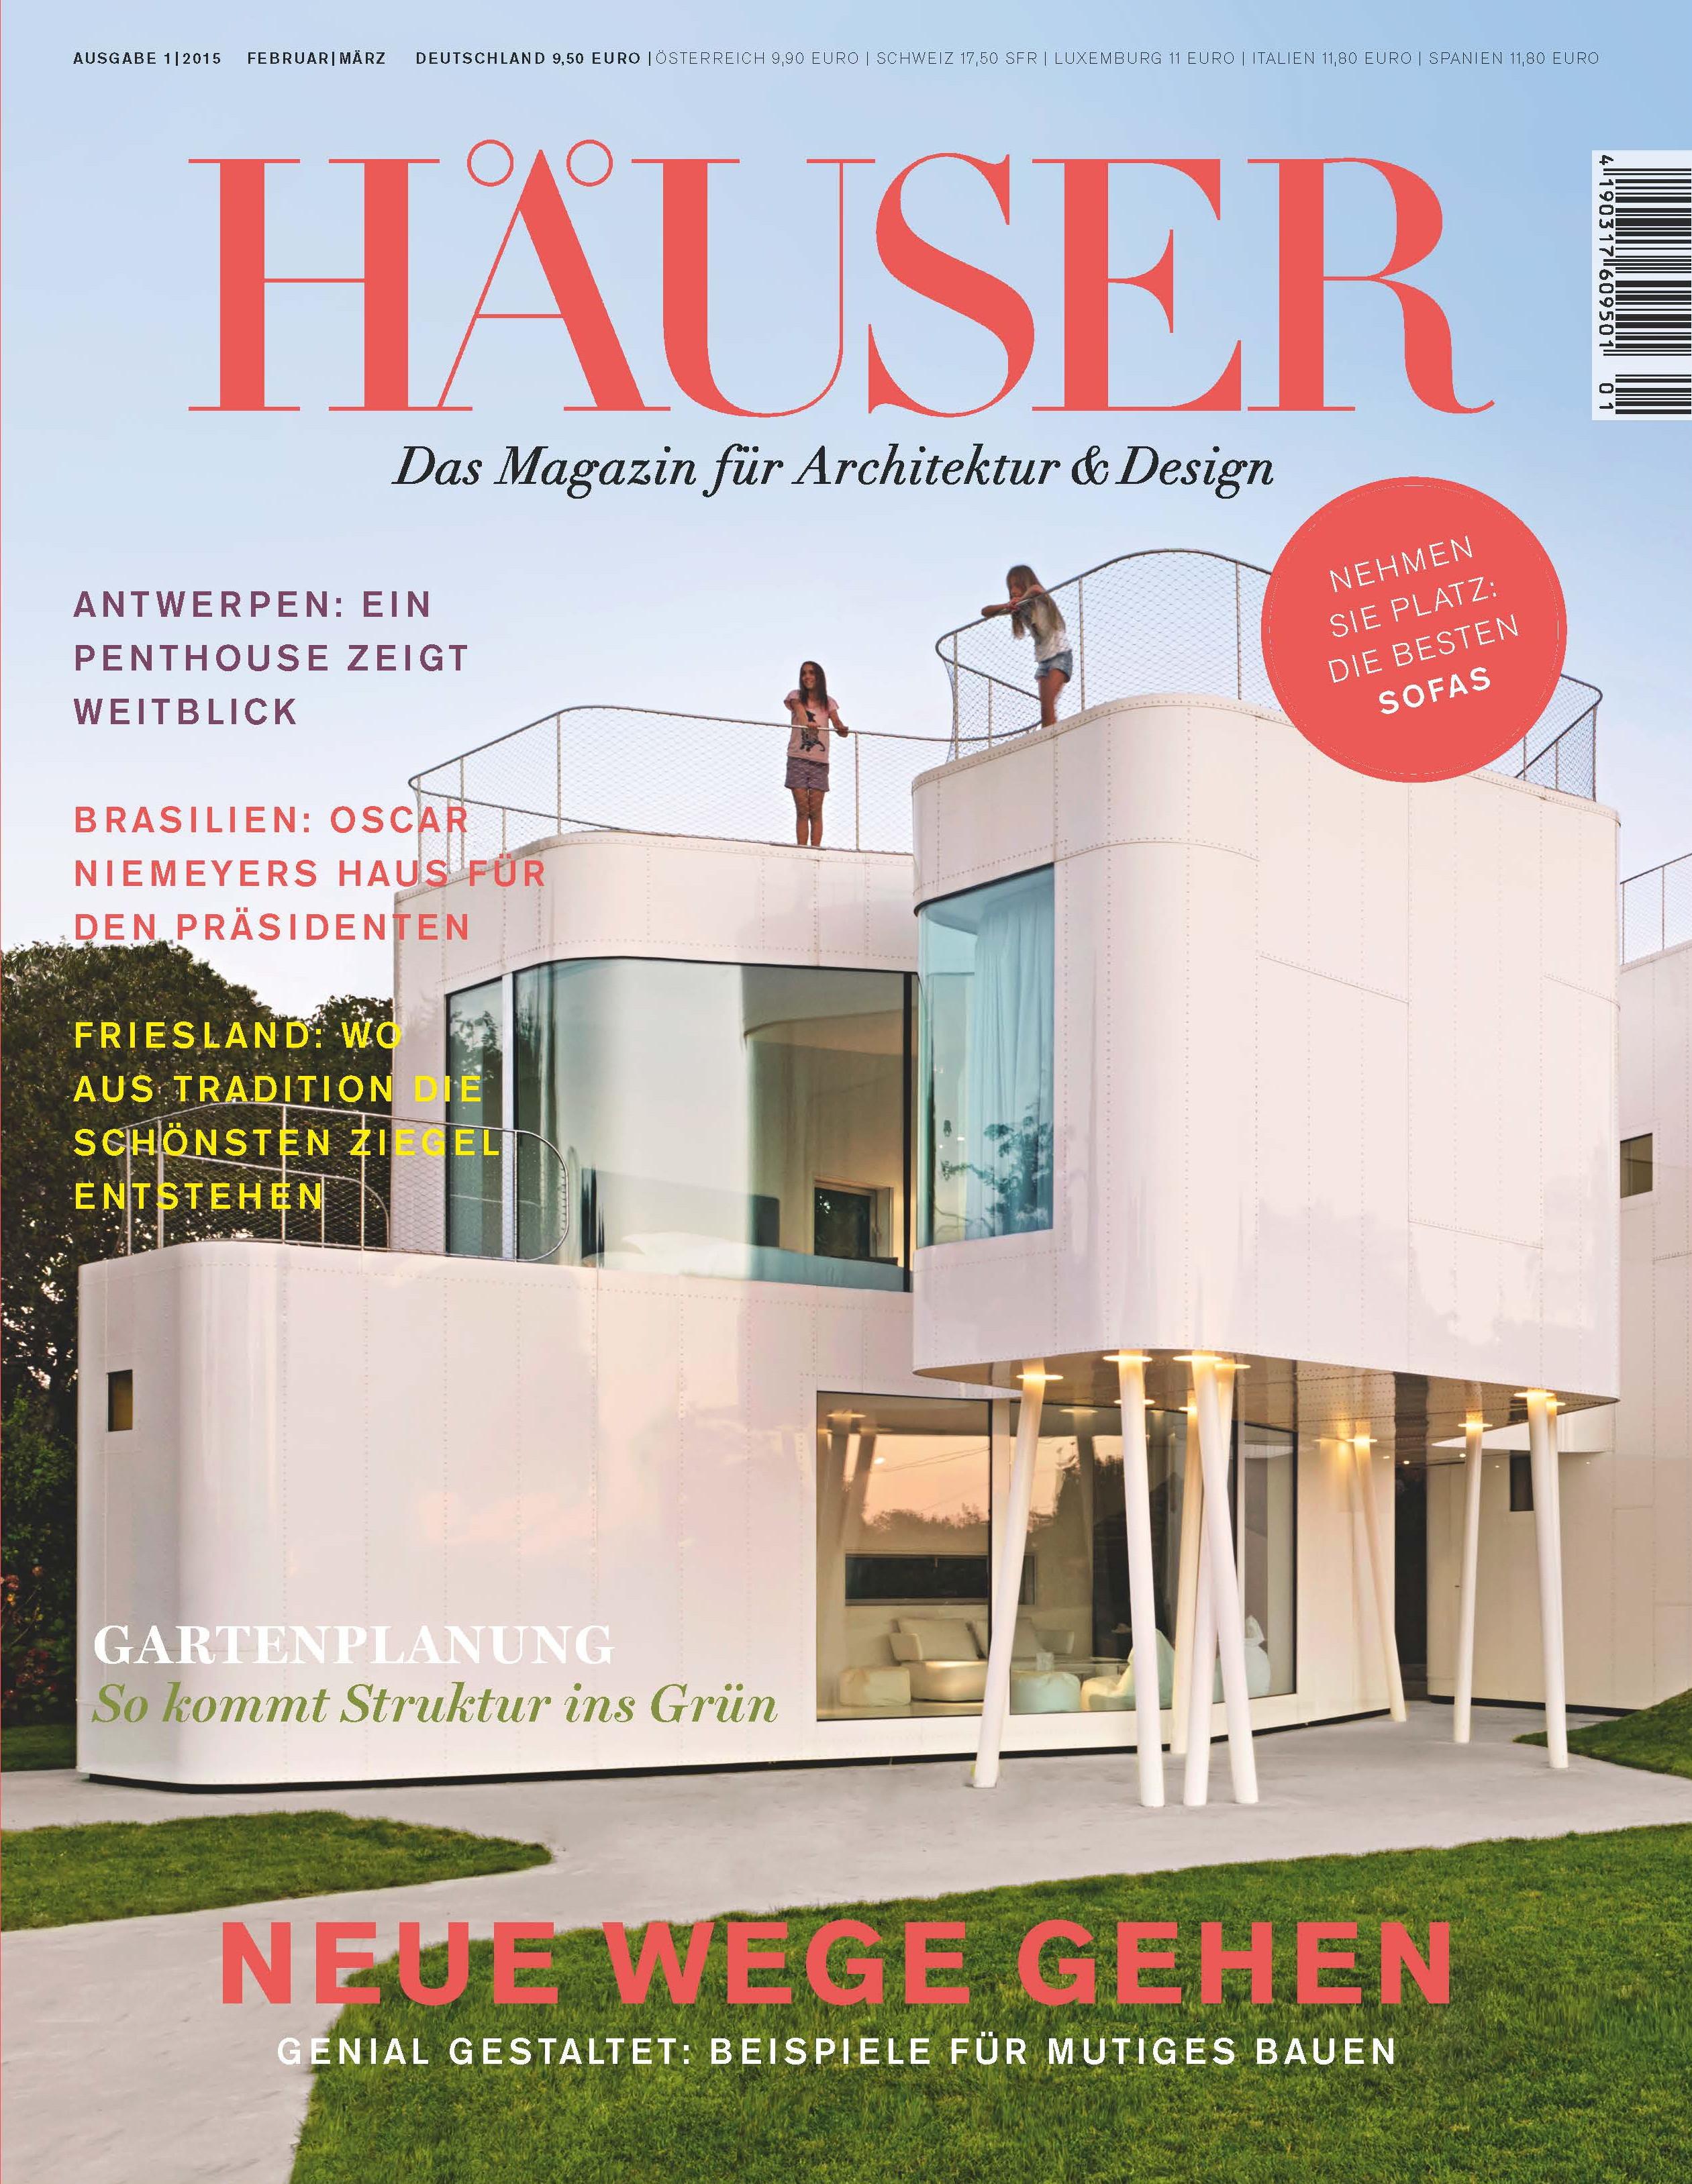 ▷ Die Besten der Besten in Europa: Deutschlands Premium-Architektur ...